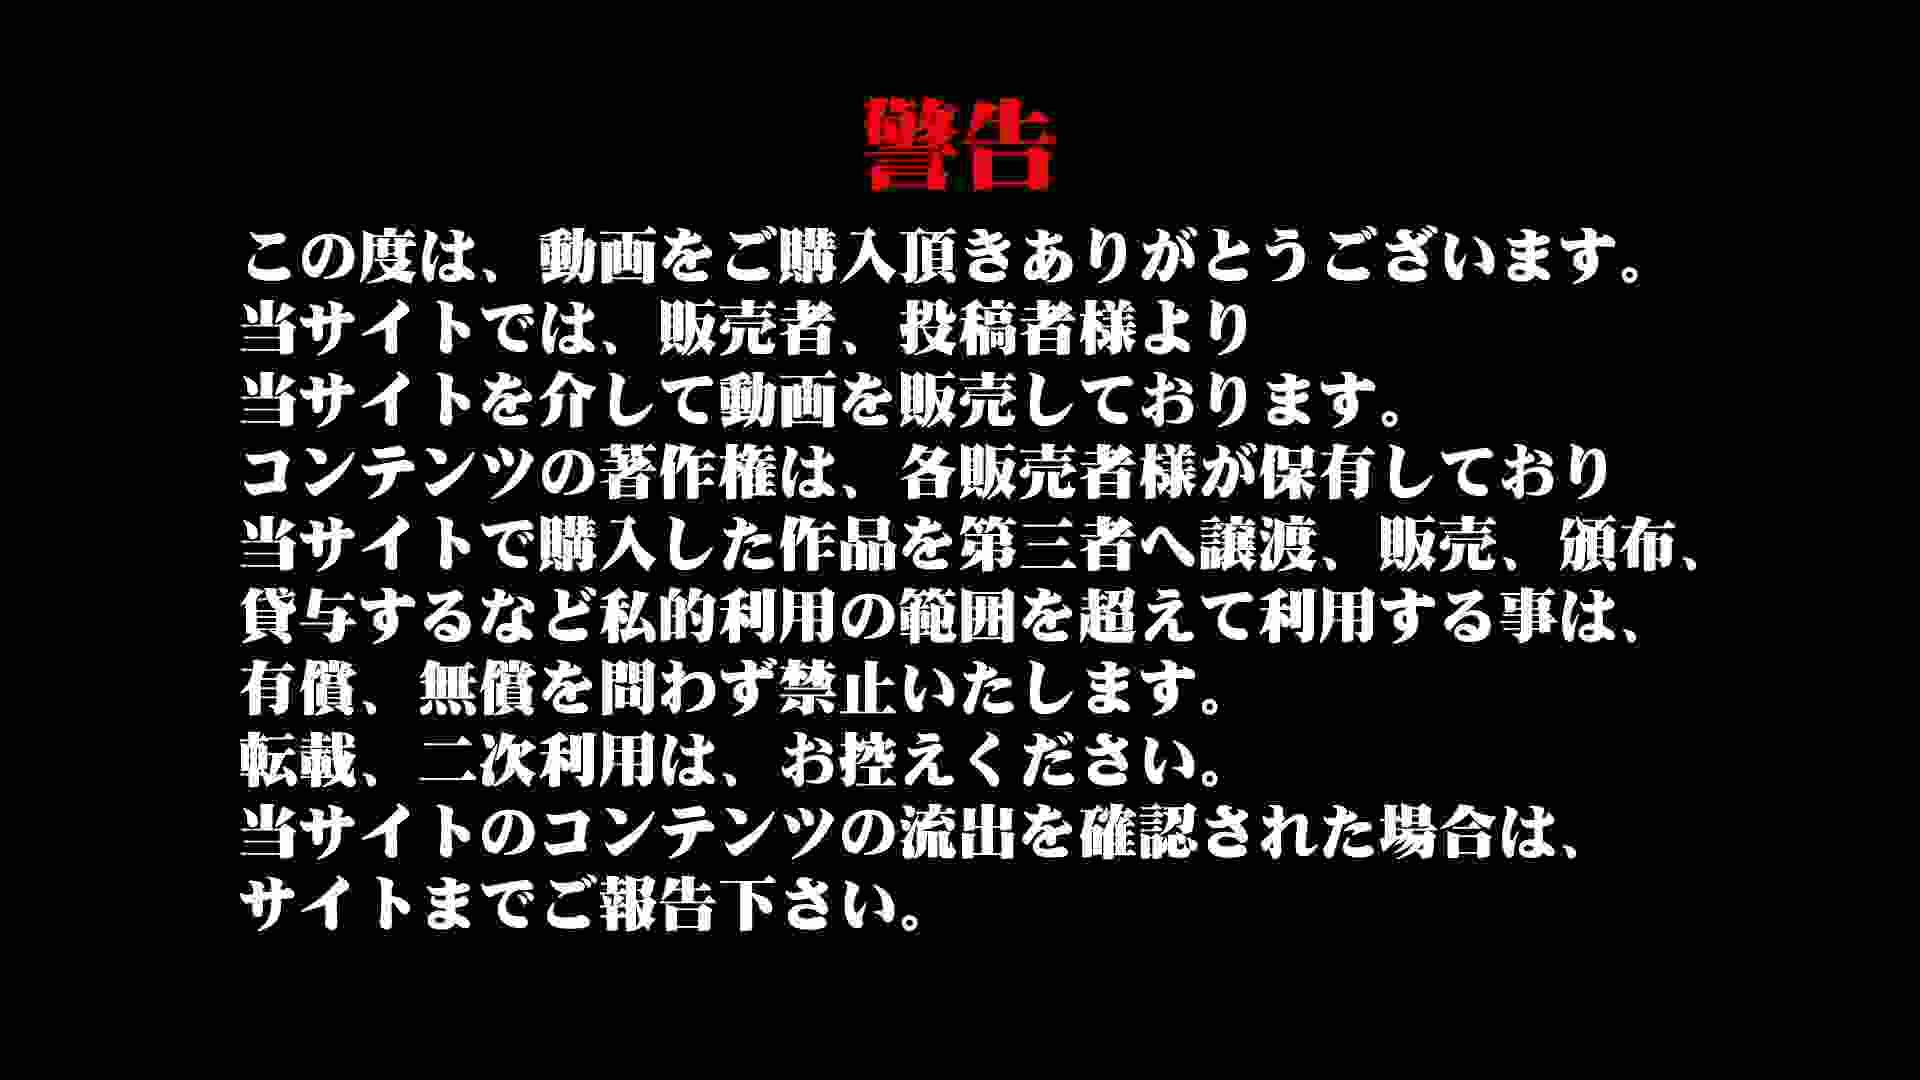 ギャルのツルピカ潜入盗撮!Vol.07 ギャル・コレクション | 盗撮エロすぎ  23連発